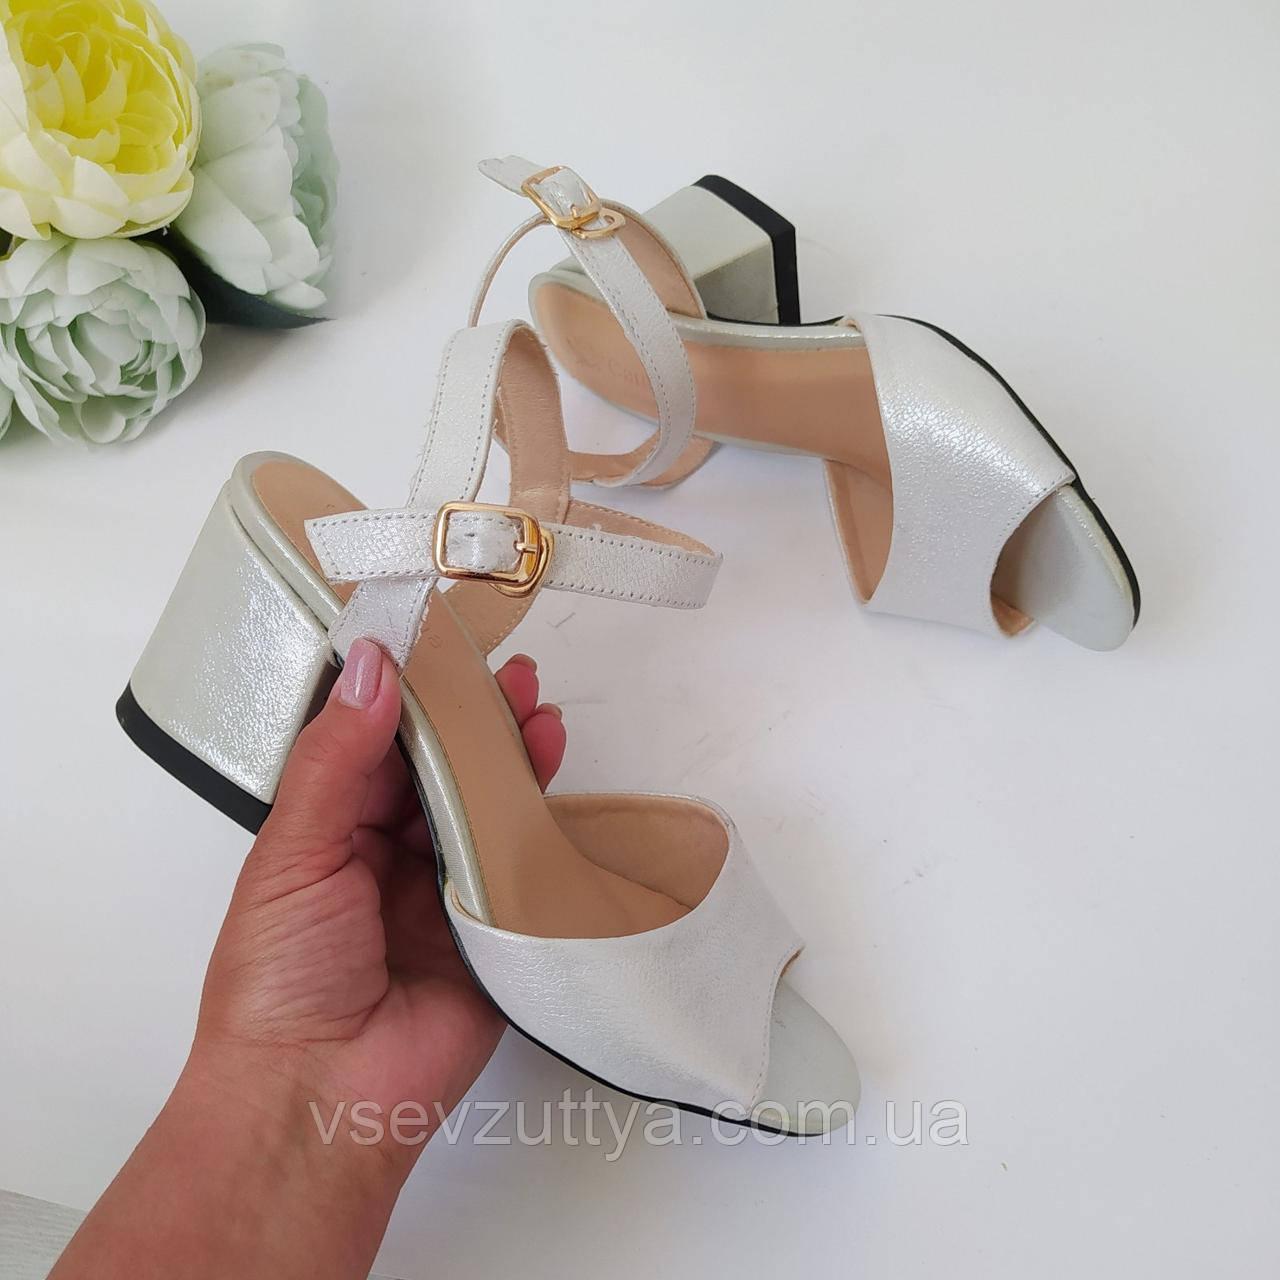 Босоніжки шкіряні жіночі сріблясті на каблуку